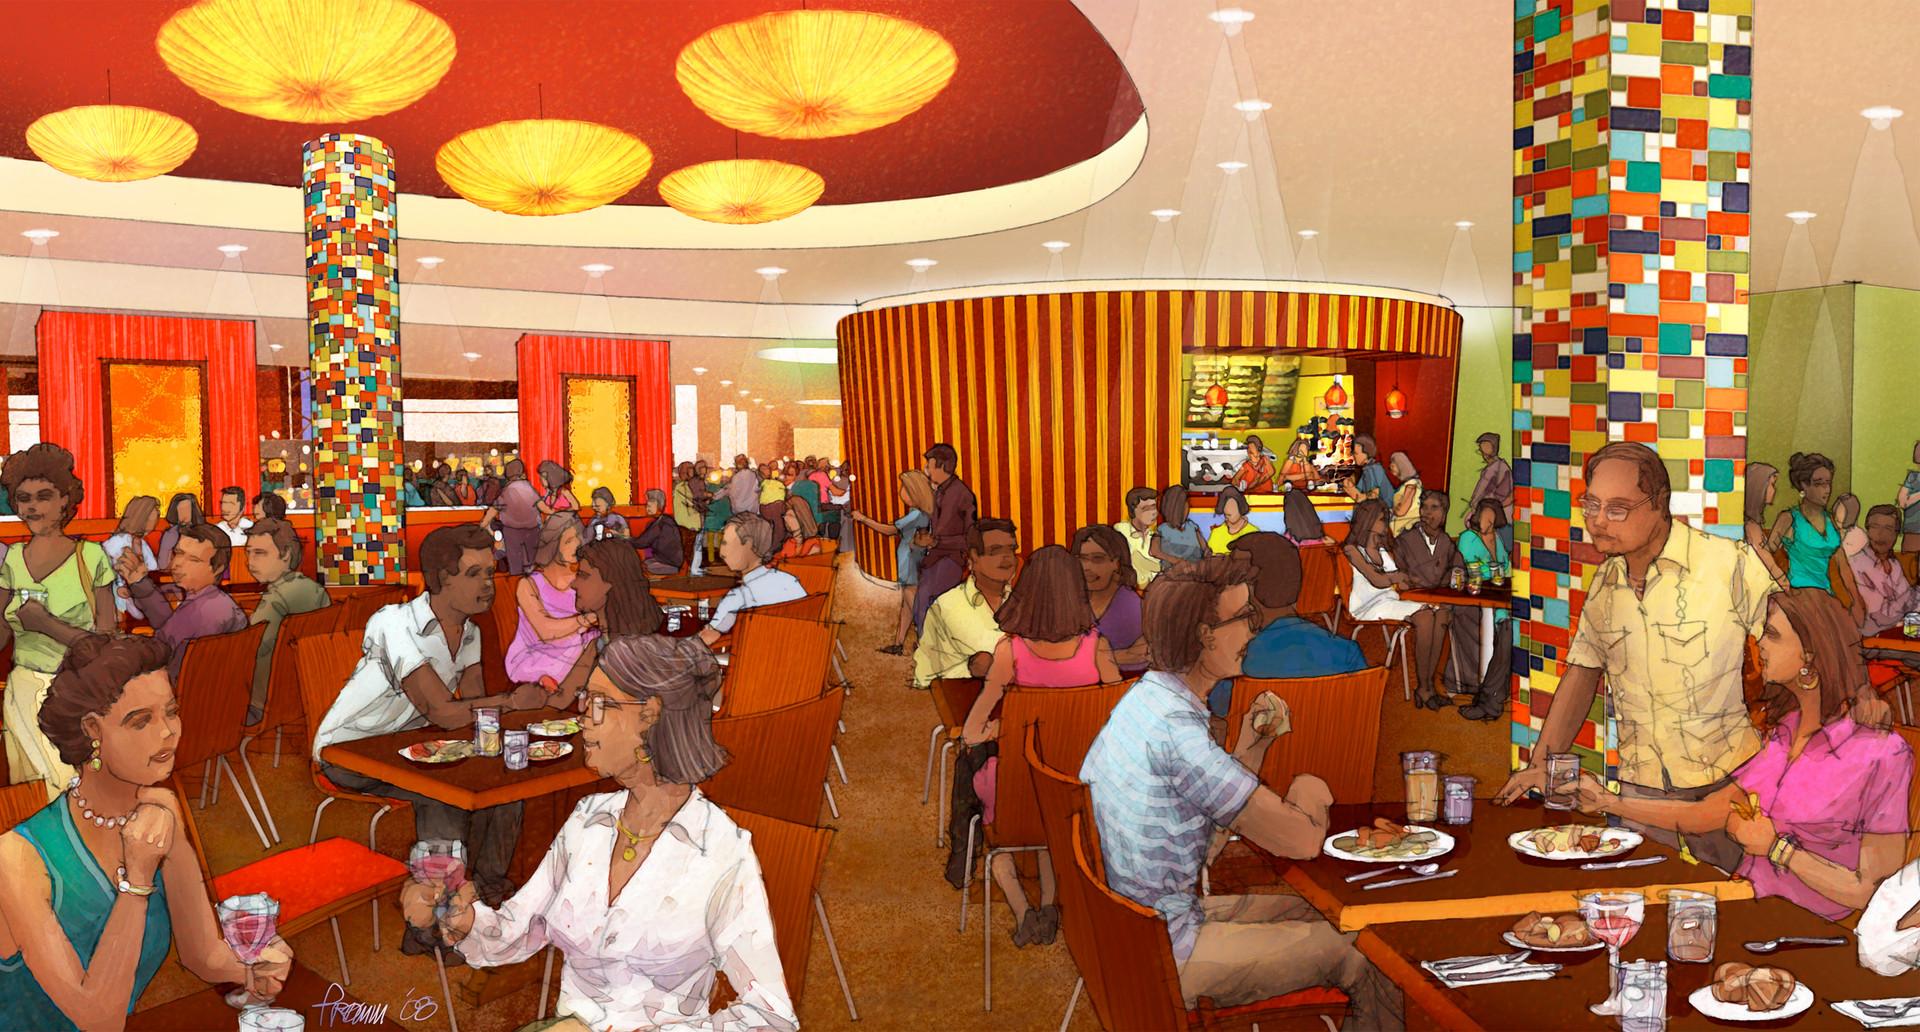 Magic City - Food Court